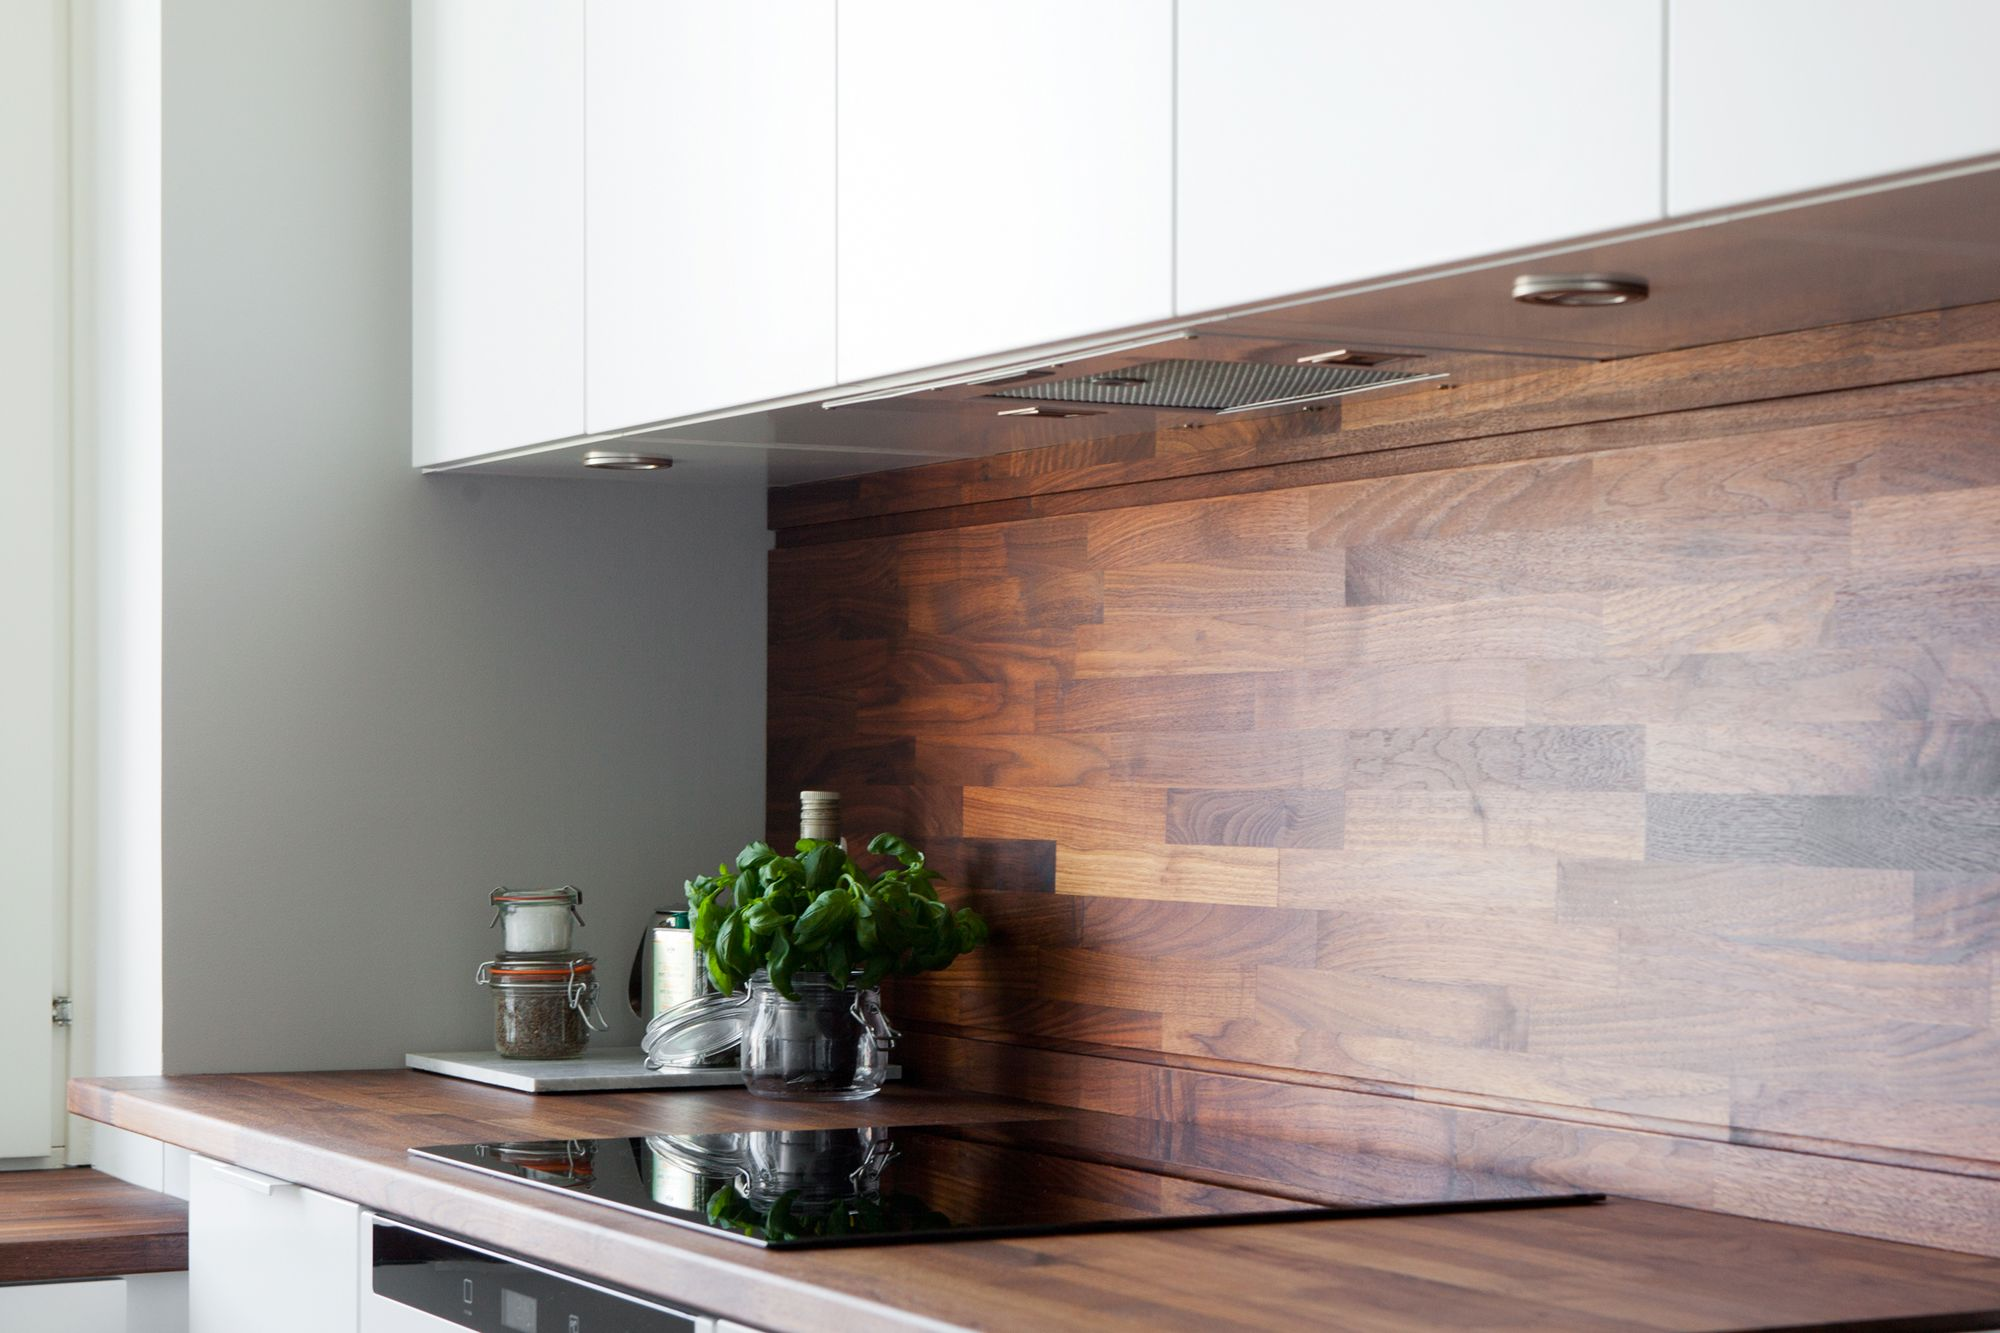 Cocina blanca con revestimiento de madera oscura blog - Encimeras de cocina de madera ...